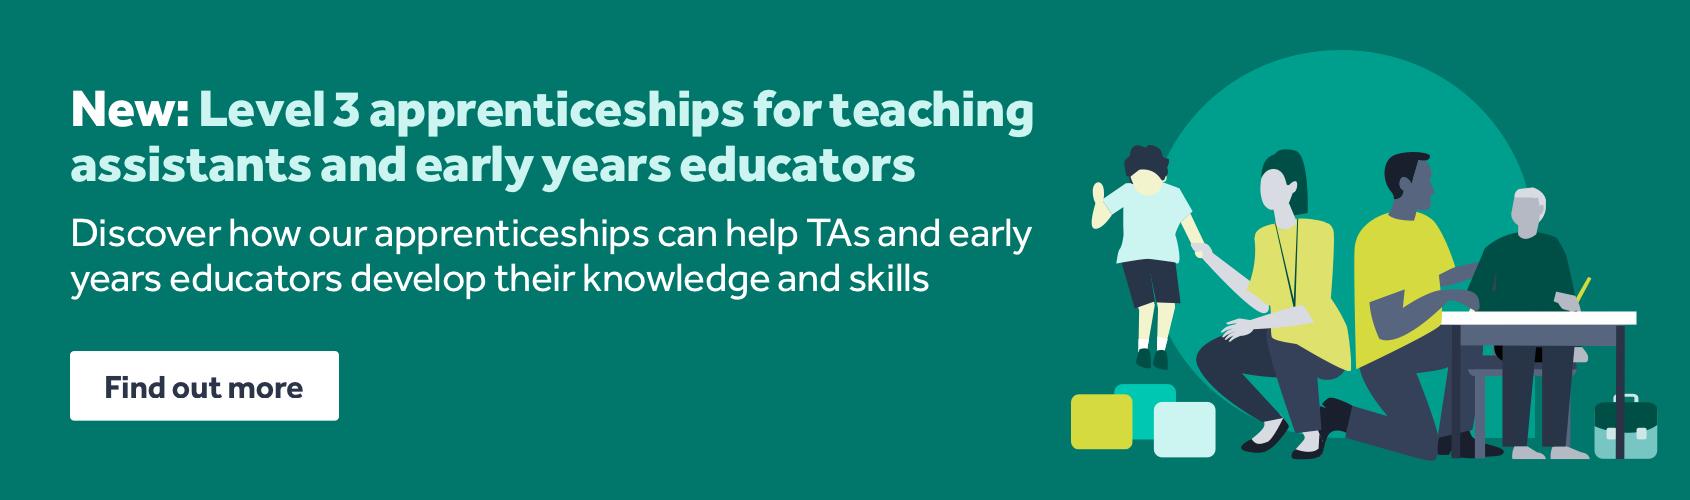 Tes TA Apprenticeship